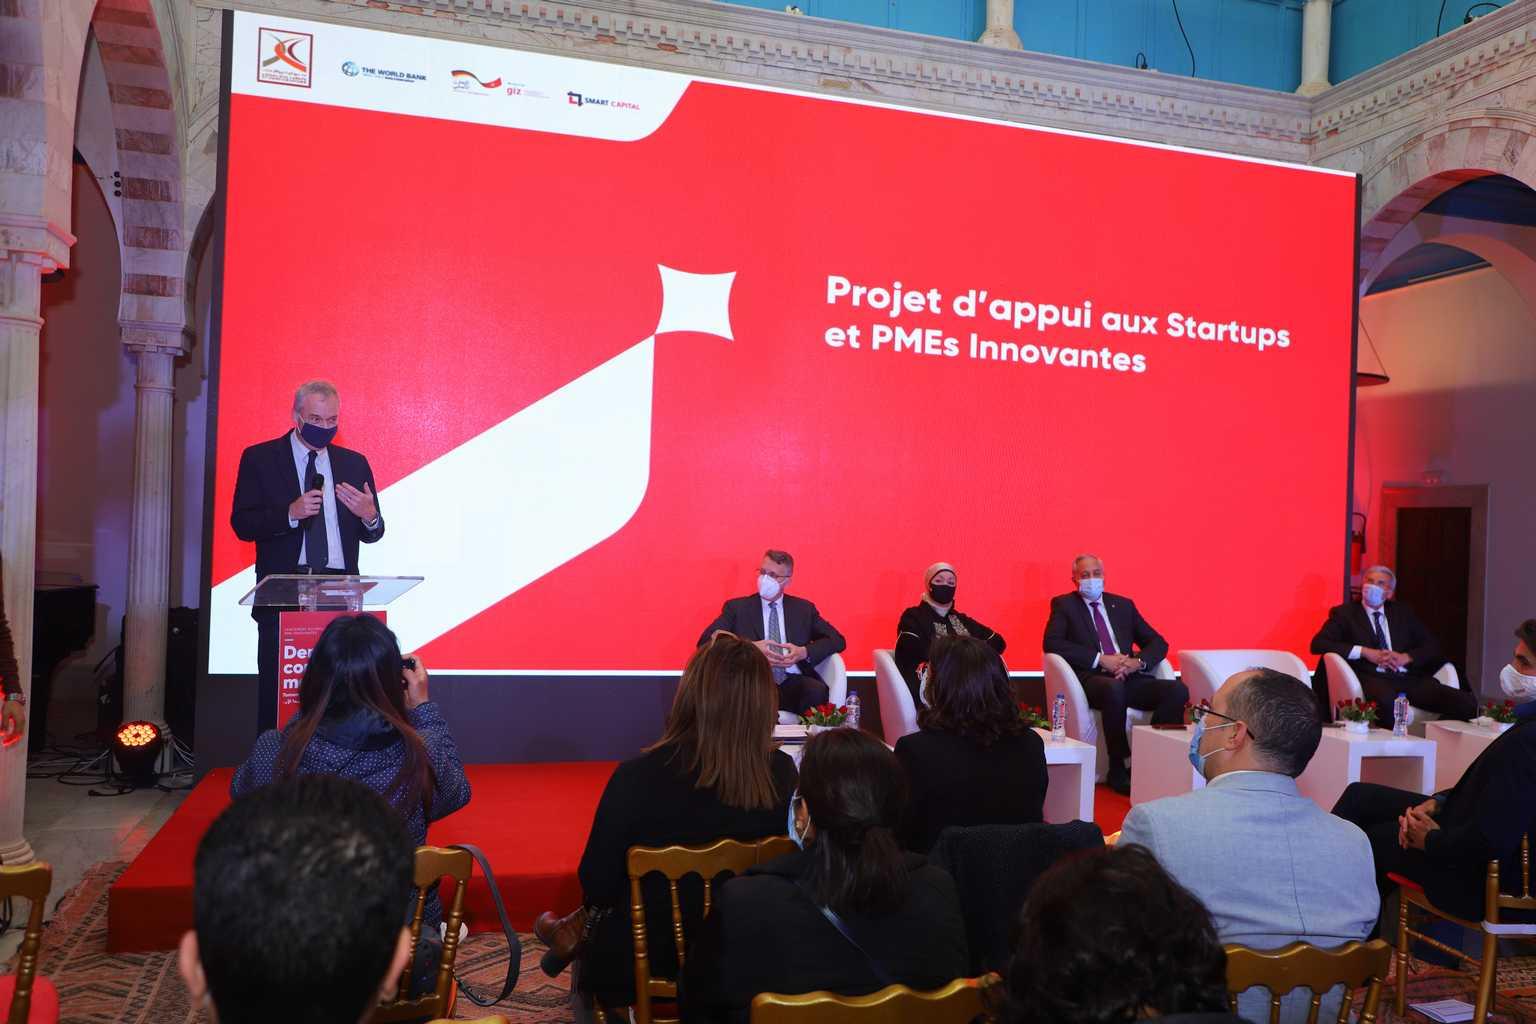 """صندوق الودائع والأمانات و """"Smart Capital"""" يطلقان مشروع """"المؤسسات الناشئة والمؤسسات الصغرى والمتوسطة المبتكرة"""""""